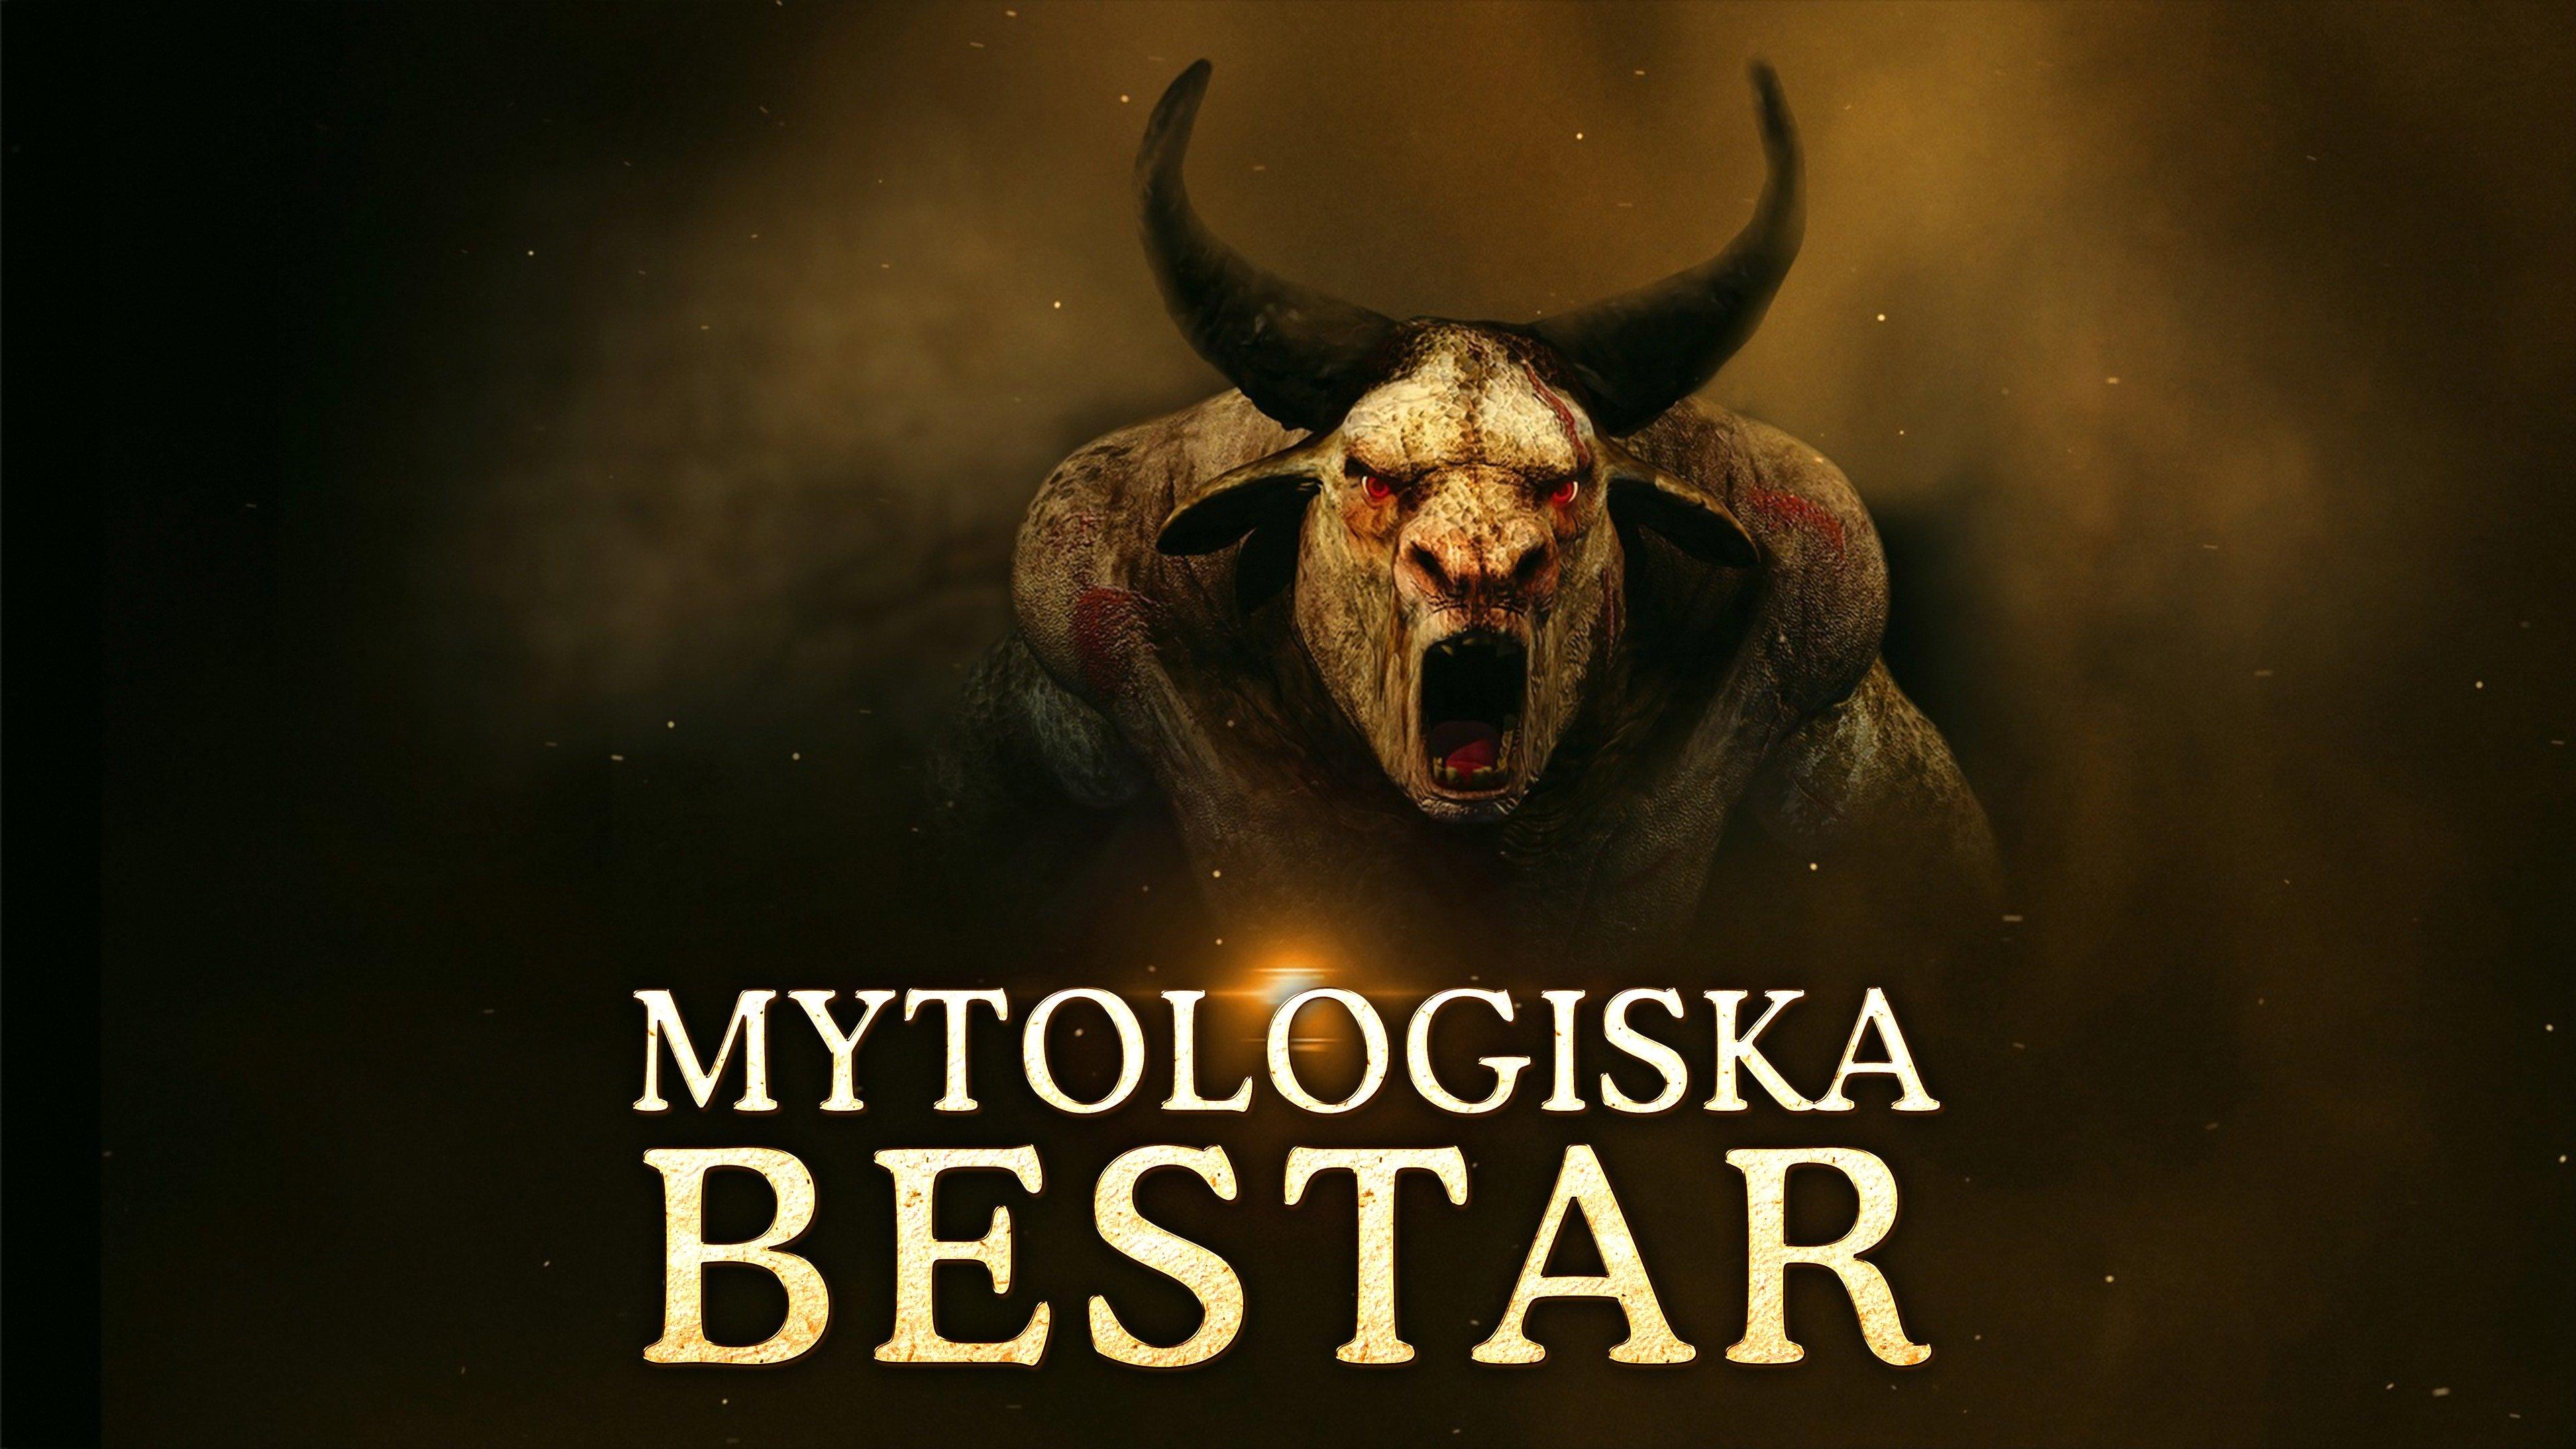 Mytologiska bestar